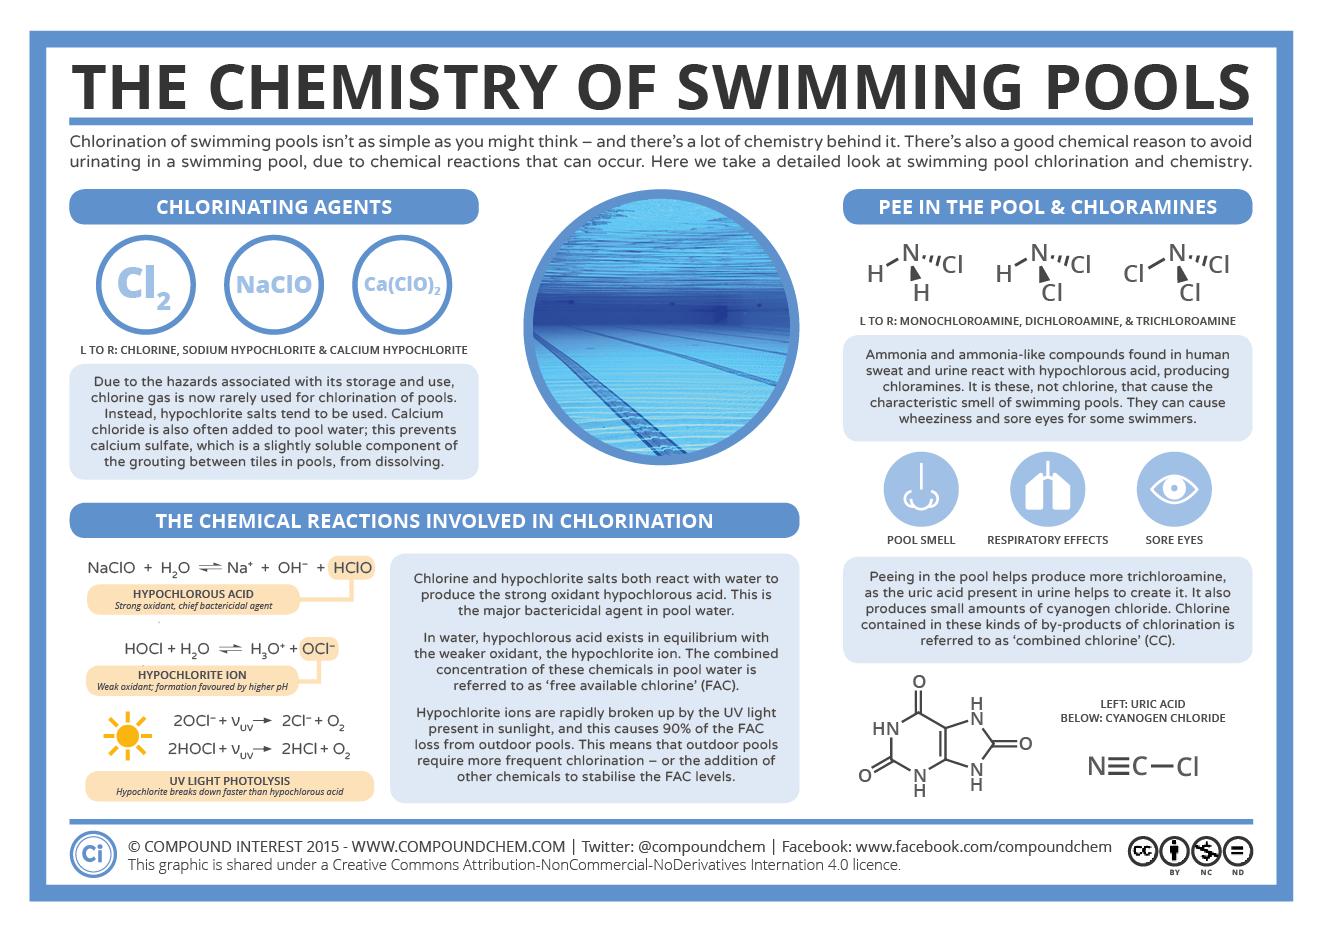 La química de las piscinas